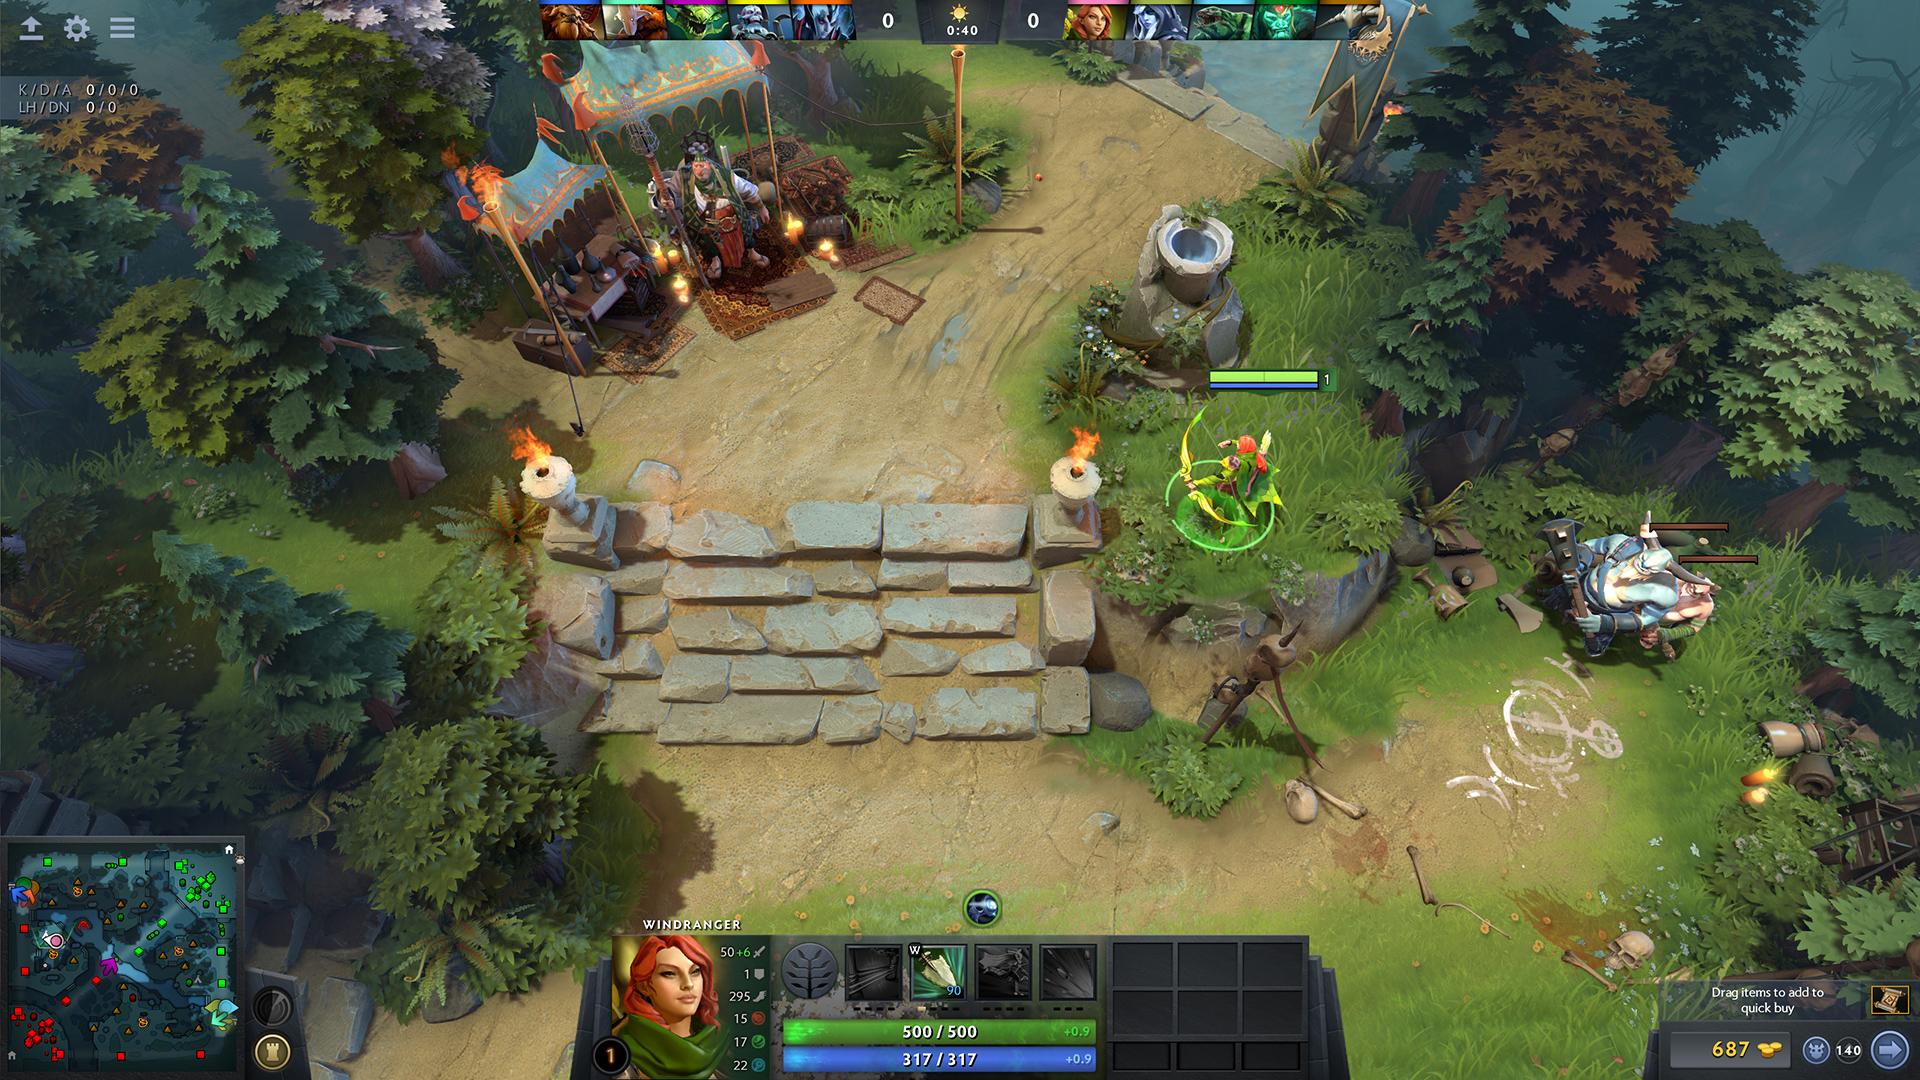 Скриншот игры Случайный аккаунт Dota 2 с инвентарем [от 10 до 999 штук]